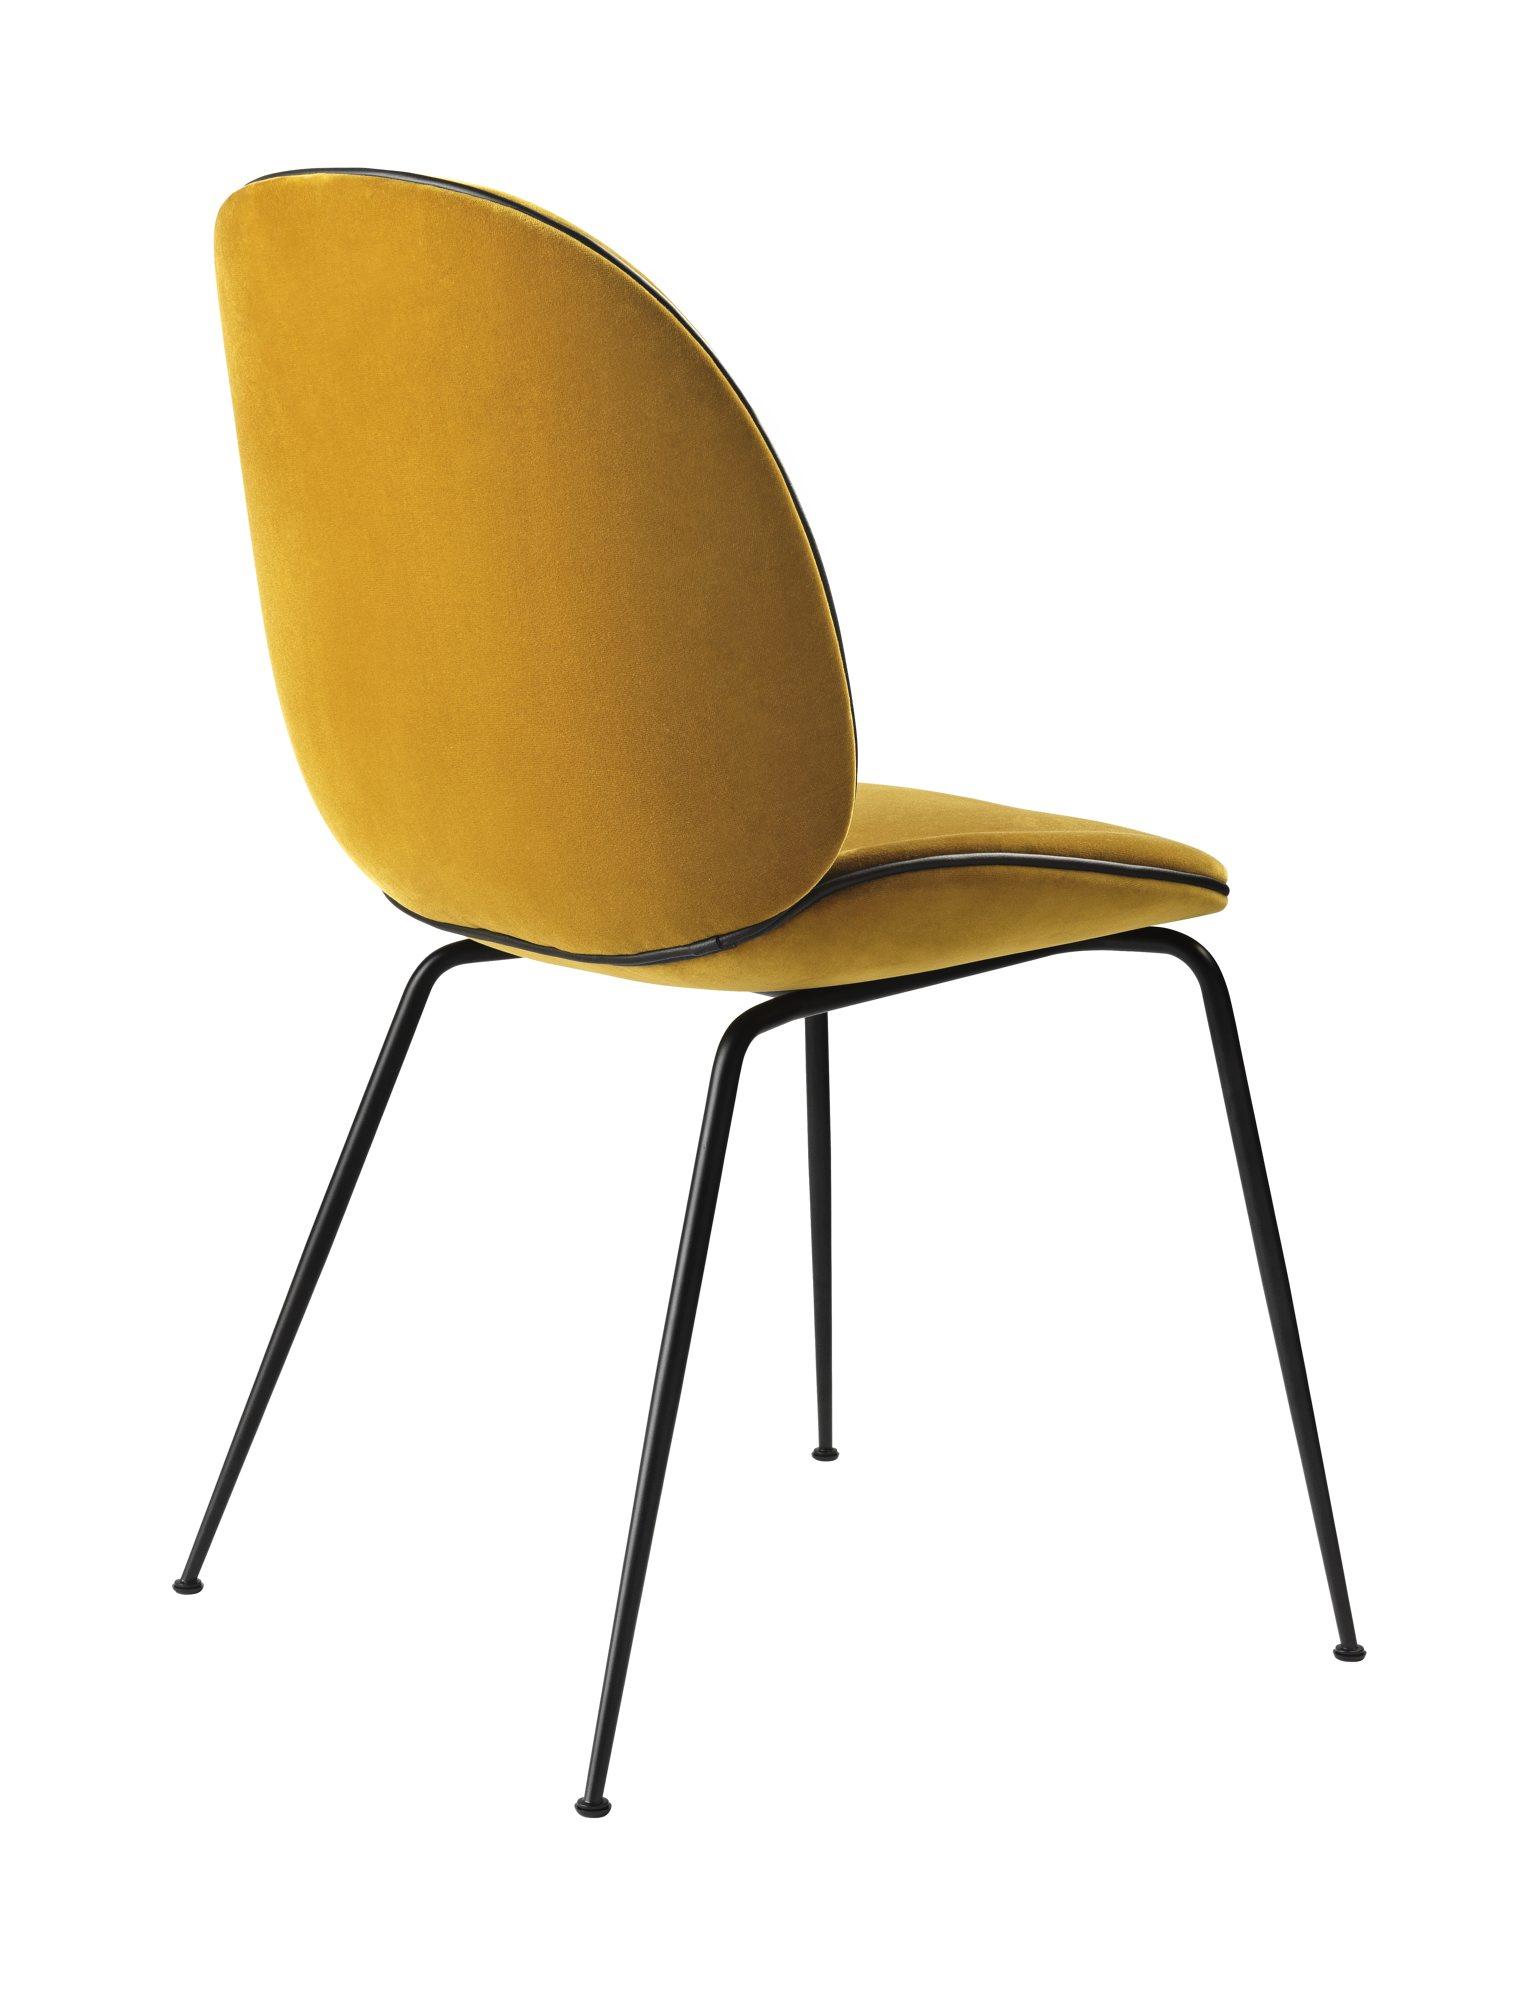 Polstret stol, Beetle, design Gubi, kr 7455, Eske.